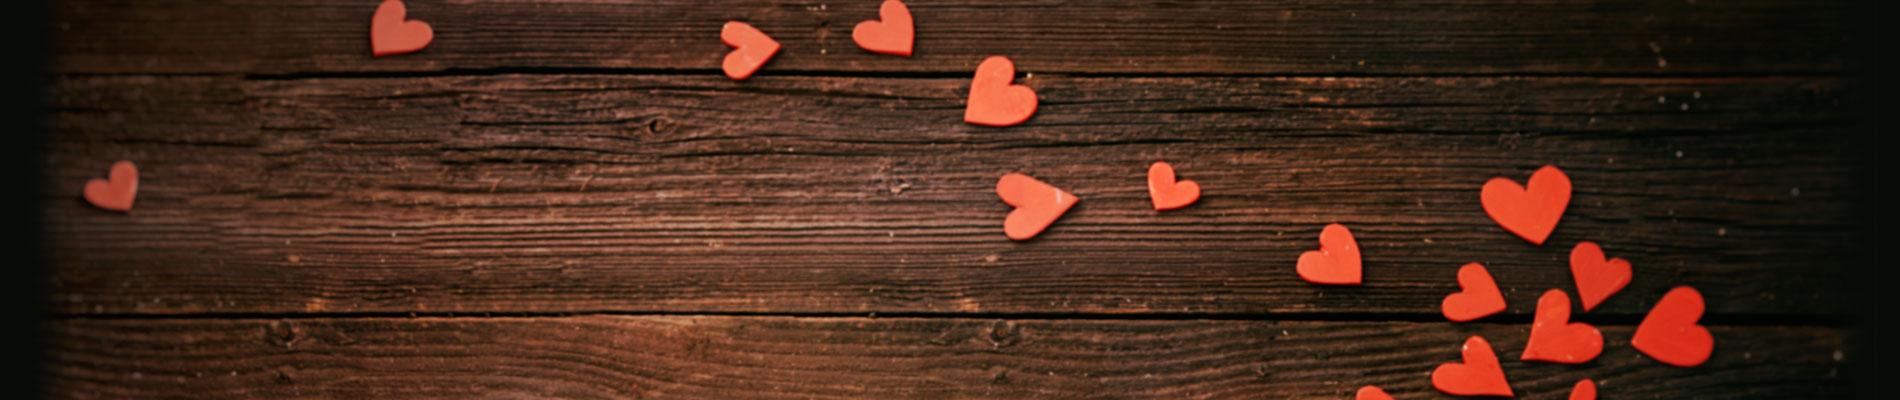 salem-cross_valentines